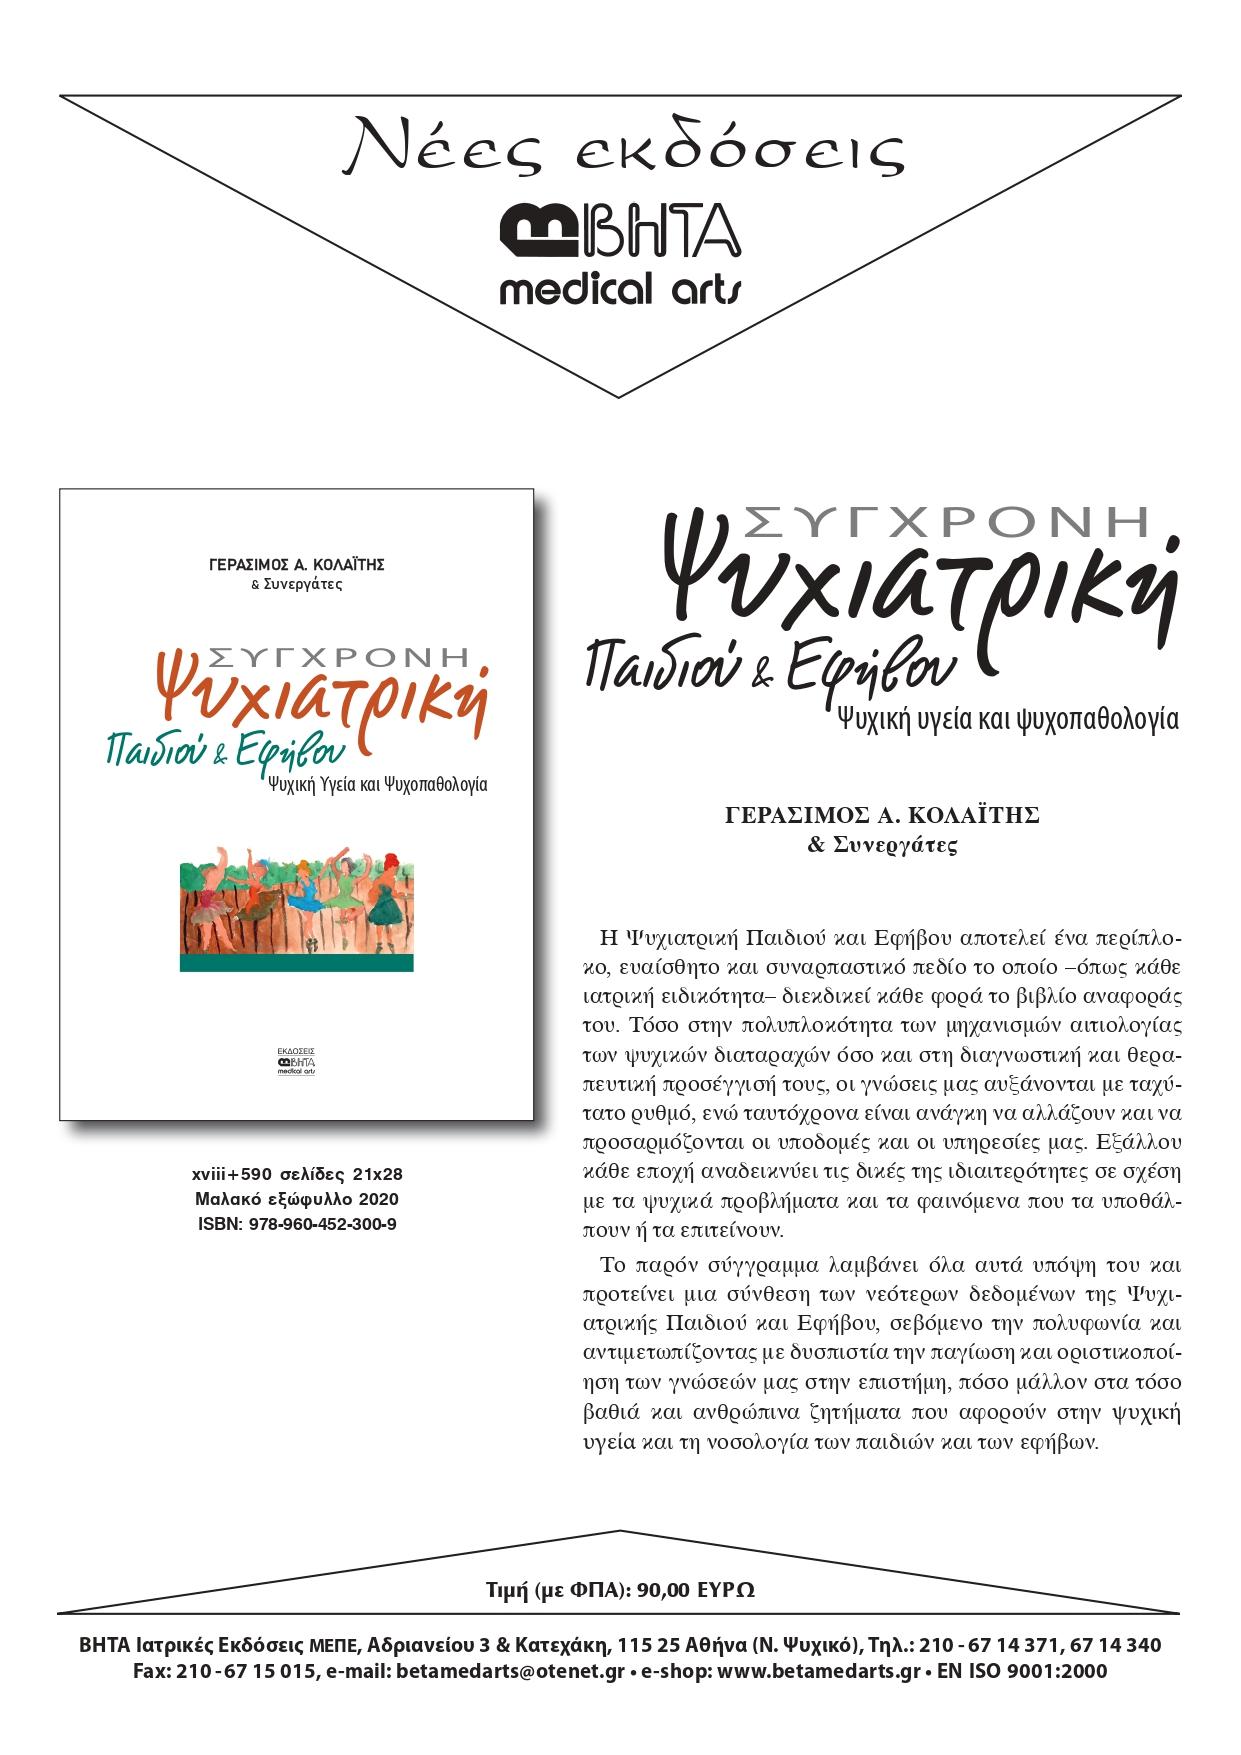 KolaitisSygxroniPsychiatriki_page-0001